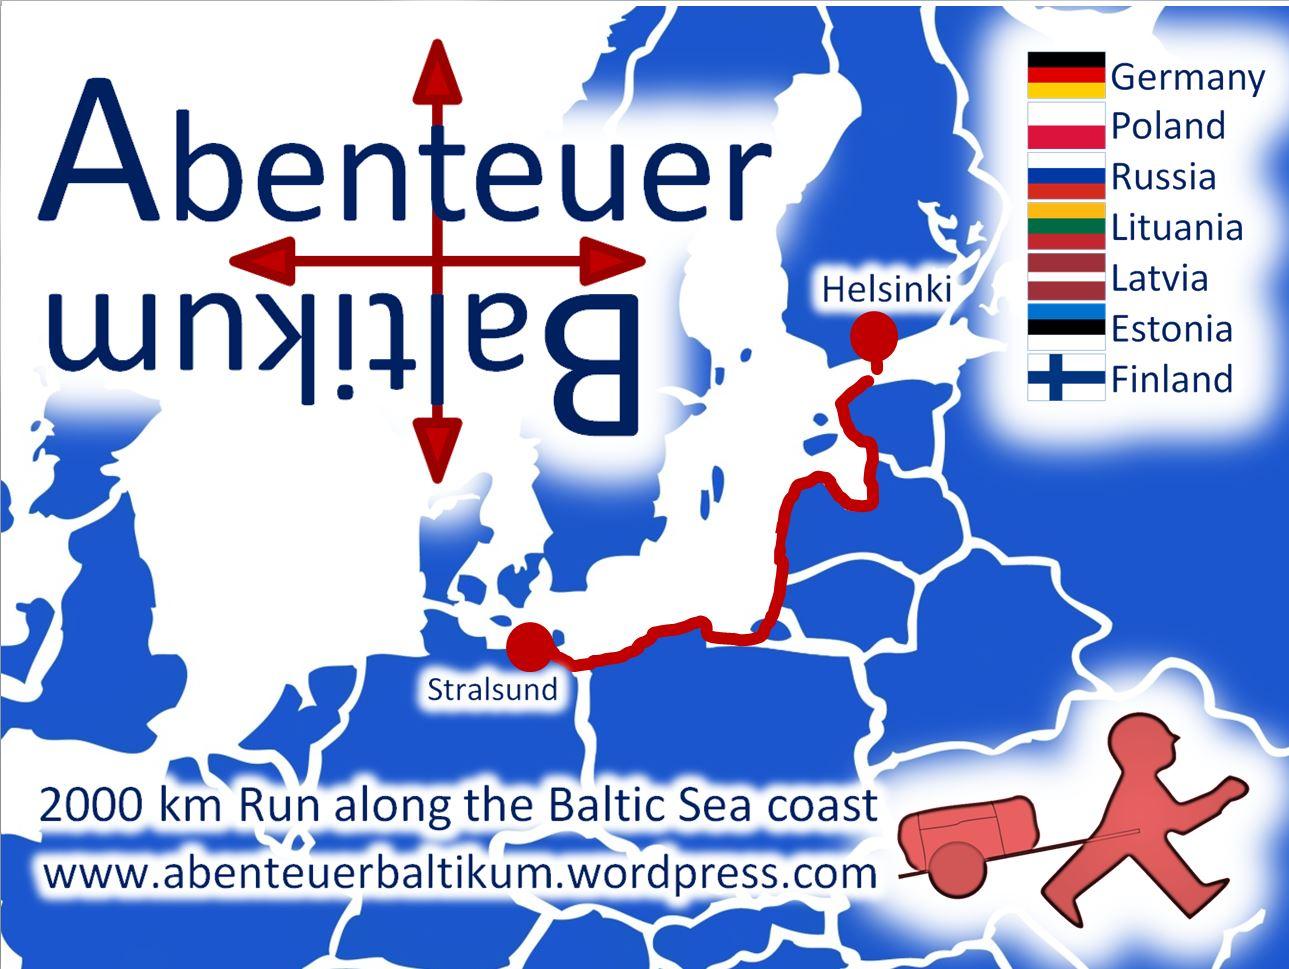 postkarte-abenteuer-baltikum-guido-lange-flaggen